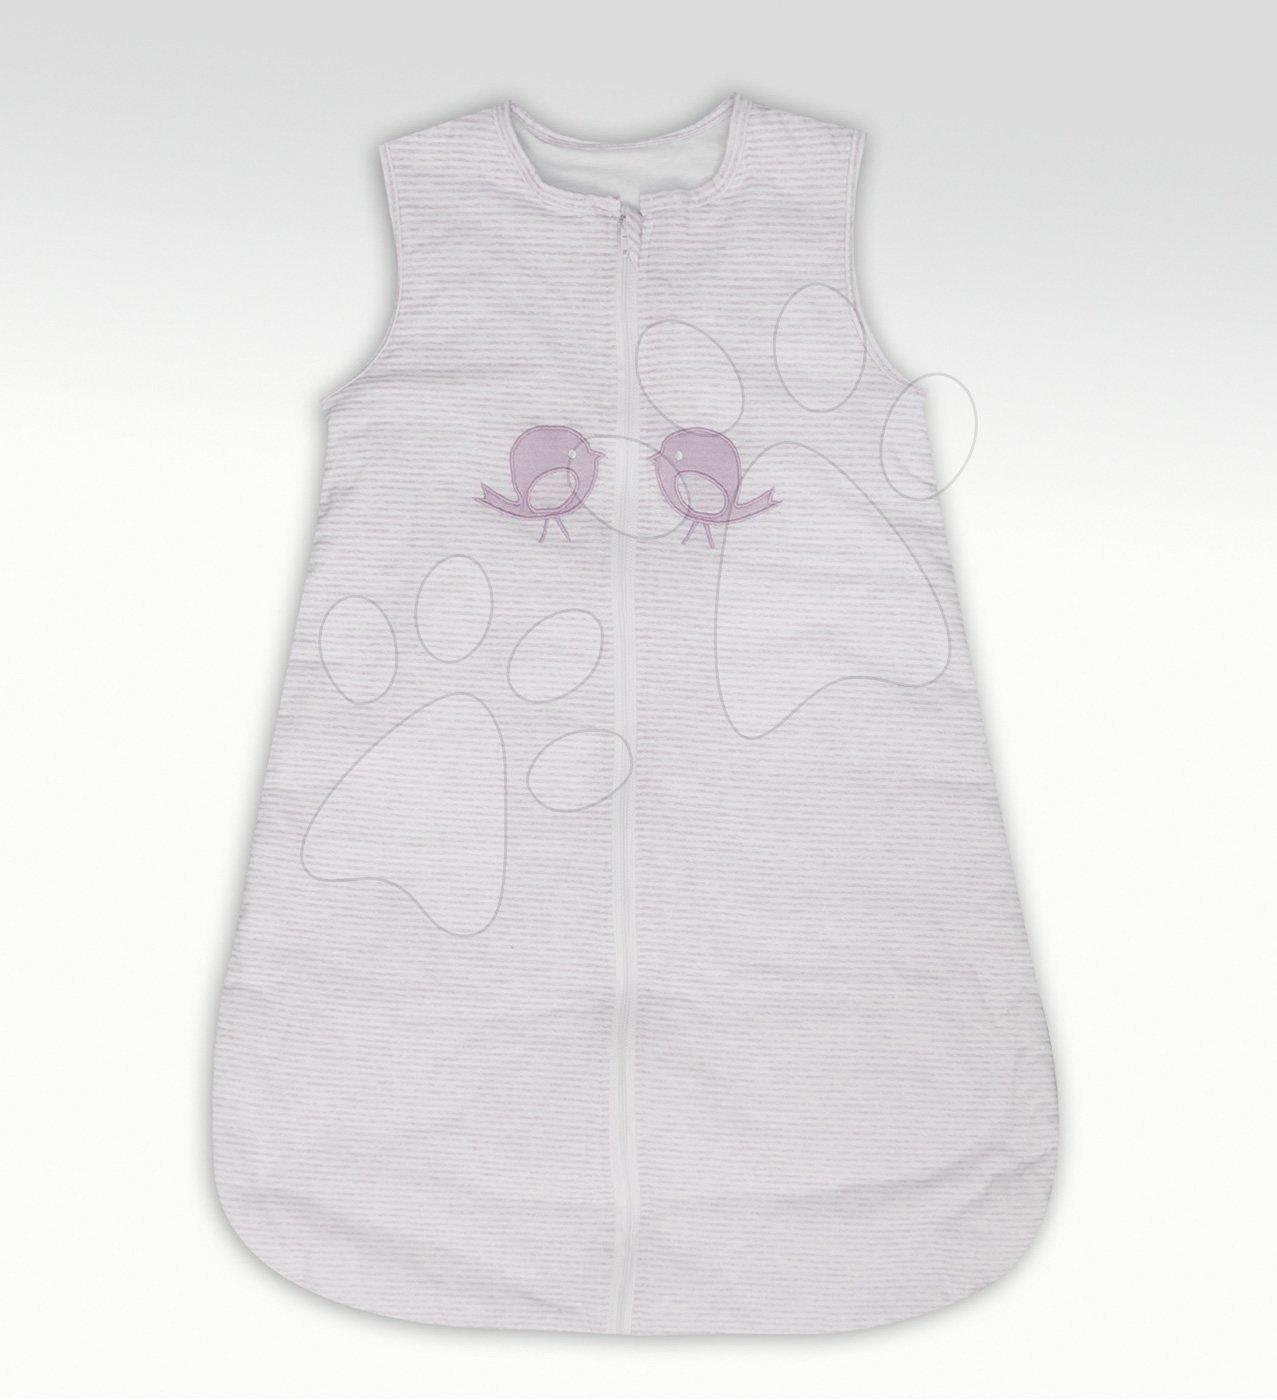 Spací pytel pro miminka Classic toTs-smarTrike ptáčci 100% jersey bavlna růžový letní od 6 měsíců